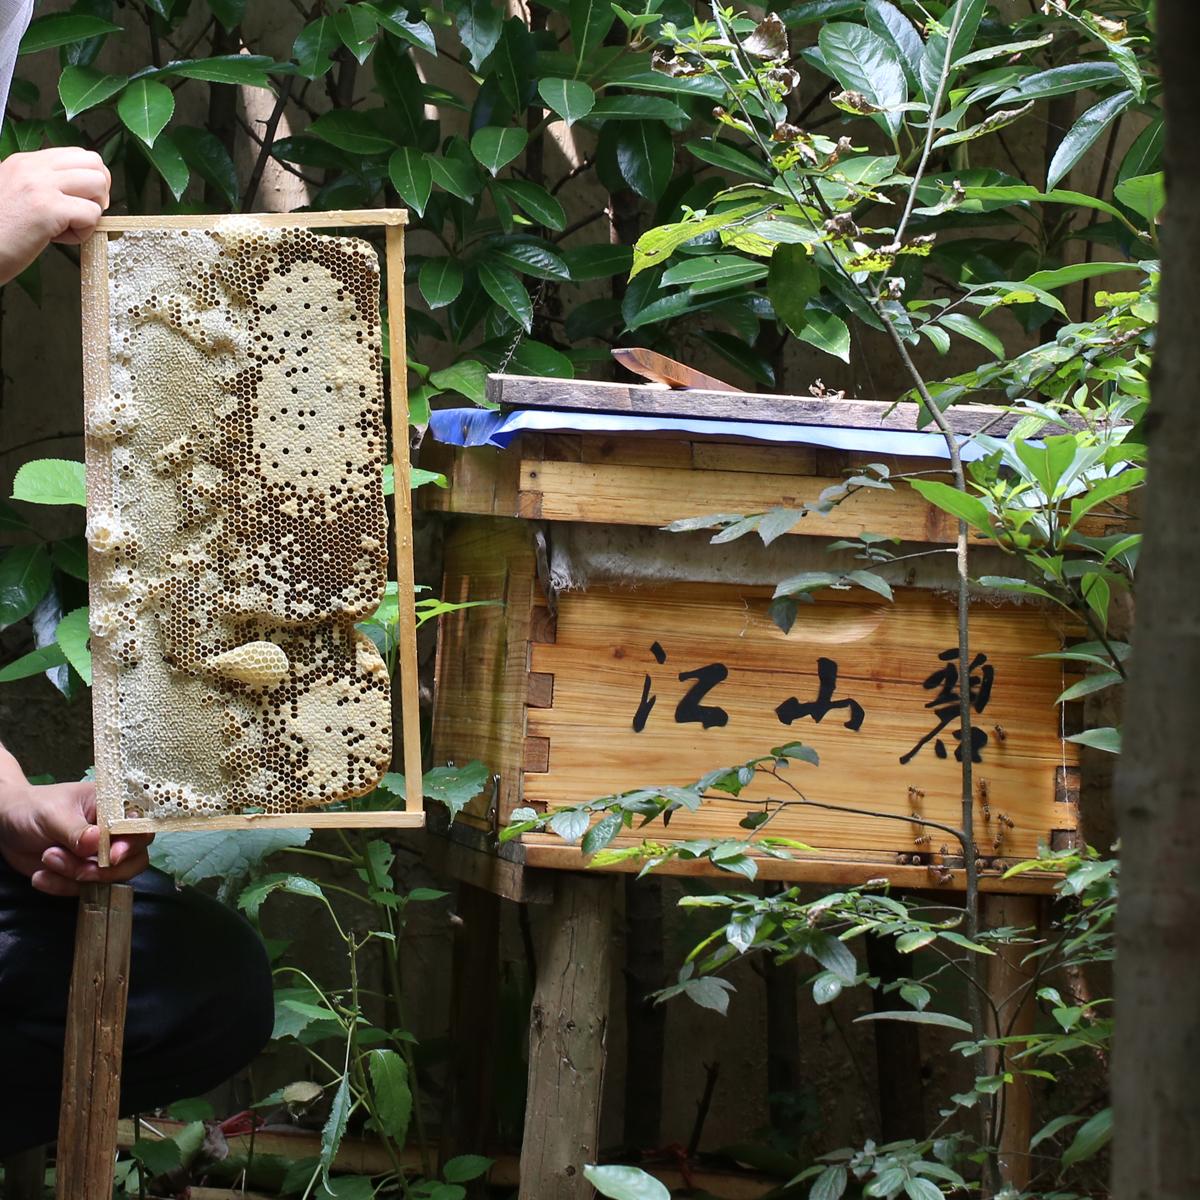 查看淘宝中蜂蜜蜂病害中华乌龟野蜂含土蜂带脾带箱无蜂王蜂场珍珠小蜂群会叫吗图片